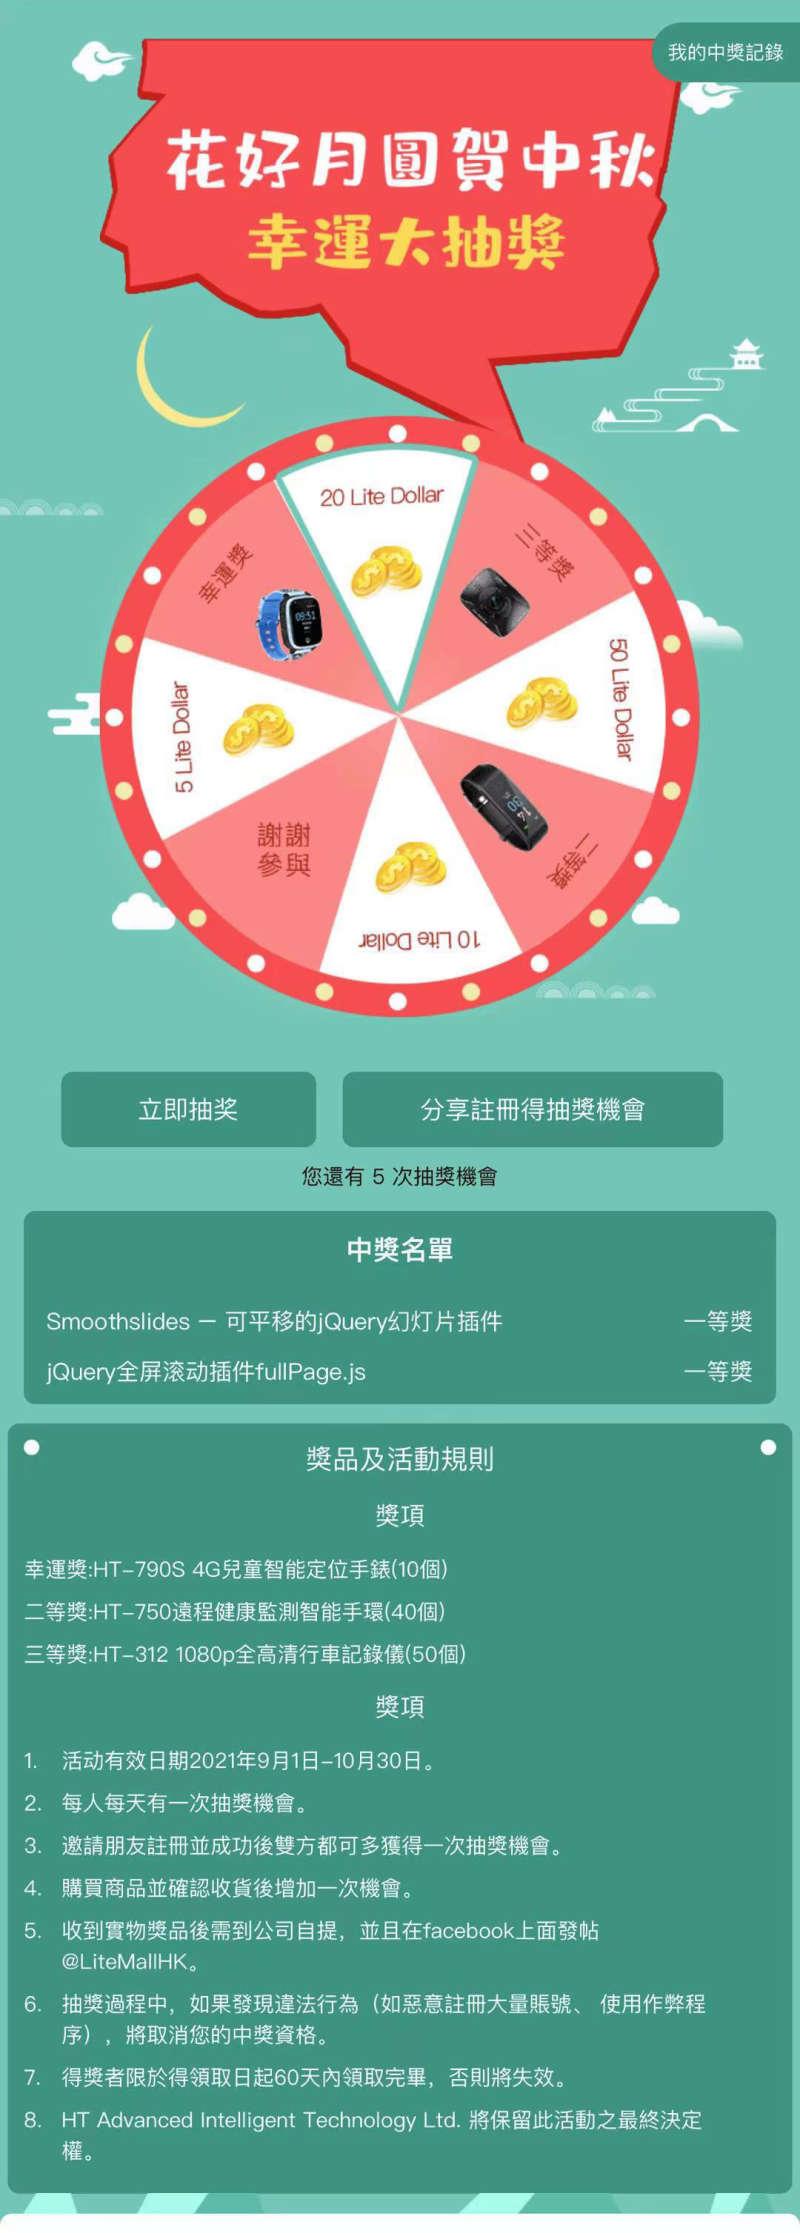 中秋节幸运大转盘抽奖手机页面插图